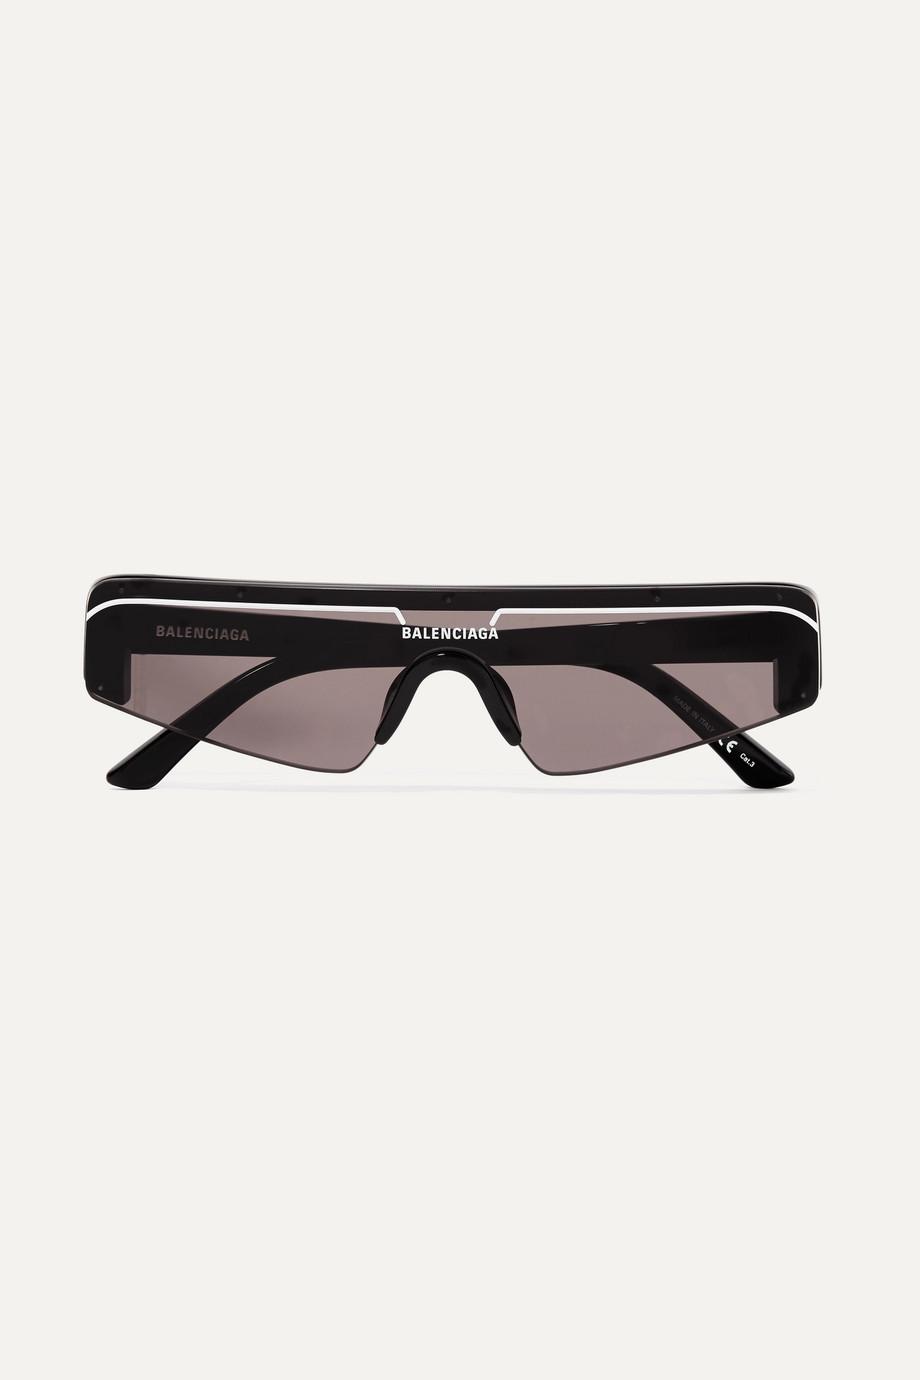 Balenciaga Ski D-frame acetate sunglasses